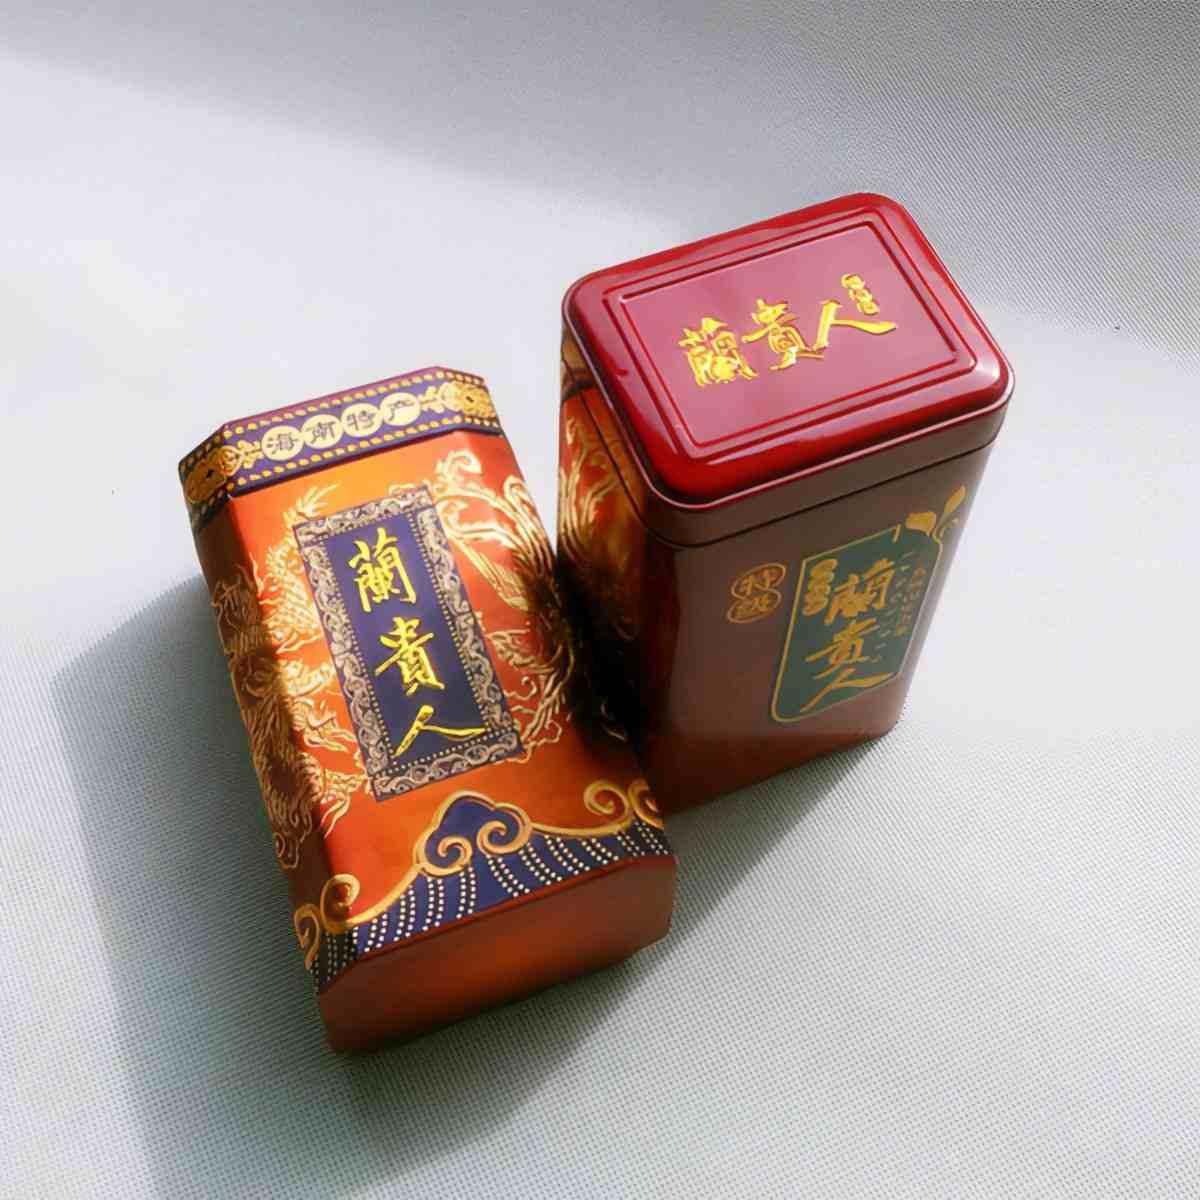 海南有什么特产茶叶,海南兰贵人,海南苦丁茶 五指山雪茶